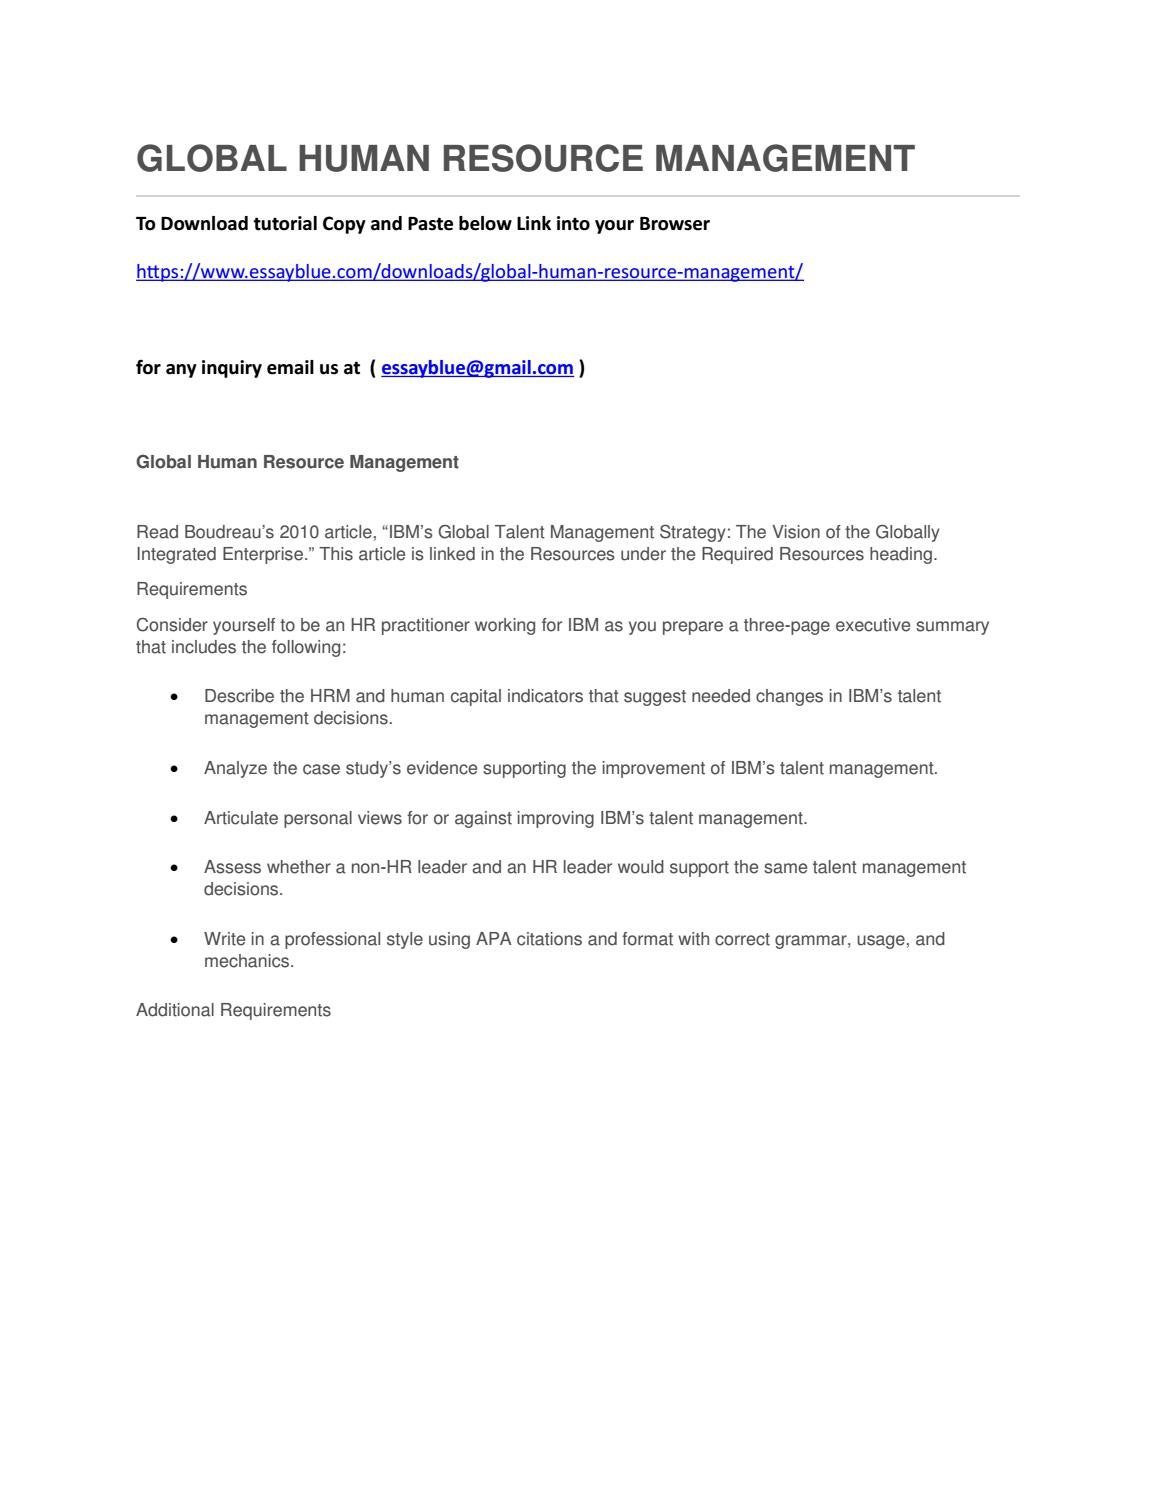 Global human resource management by CherylBuckner - issuu